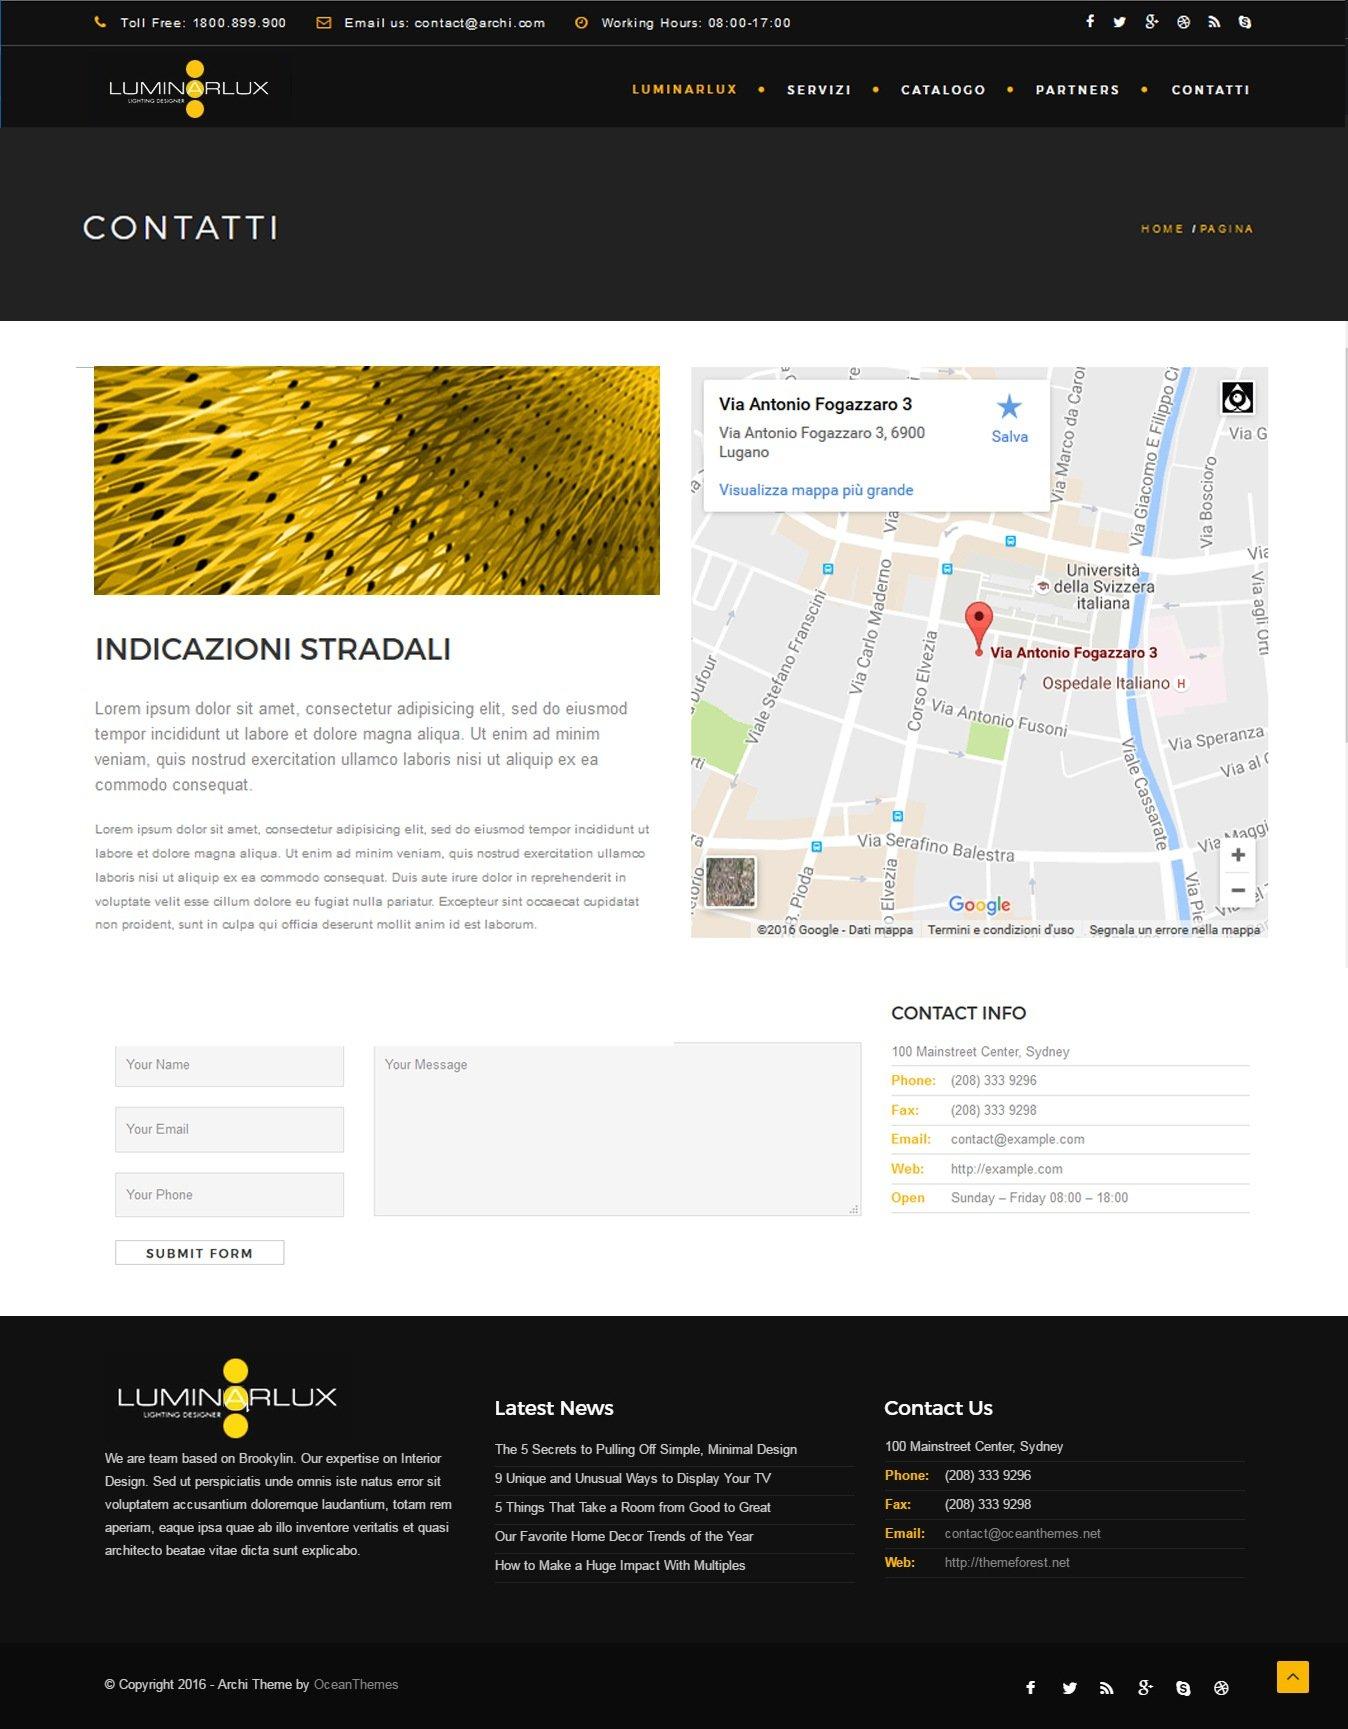 Wire Up sito web luminarlux contatti mappa